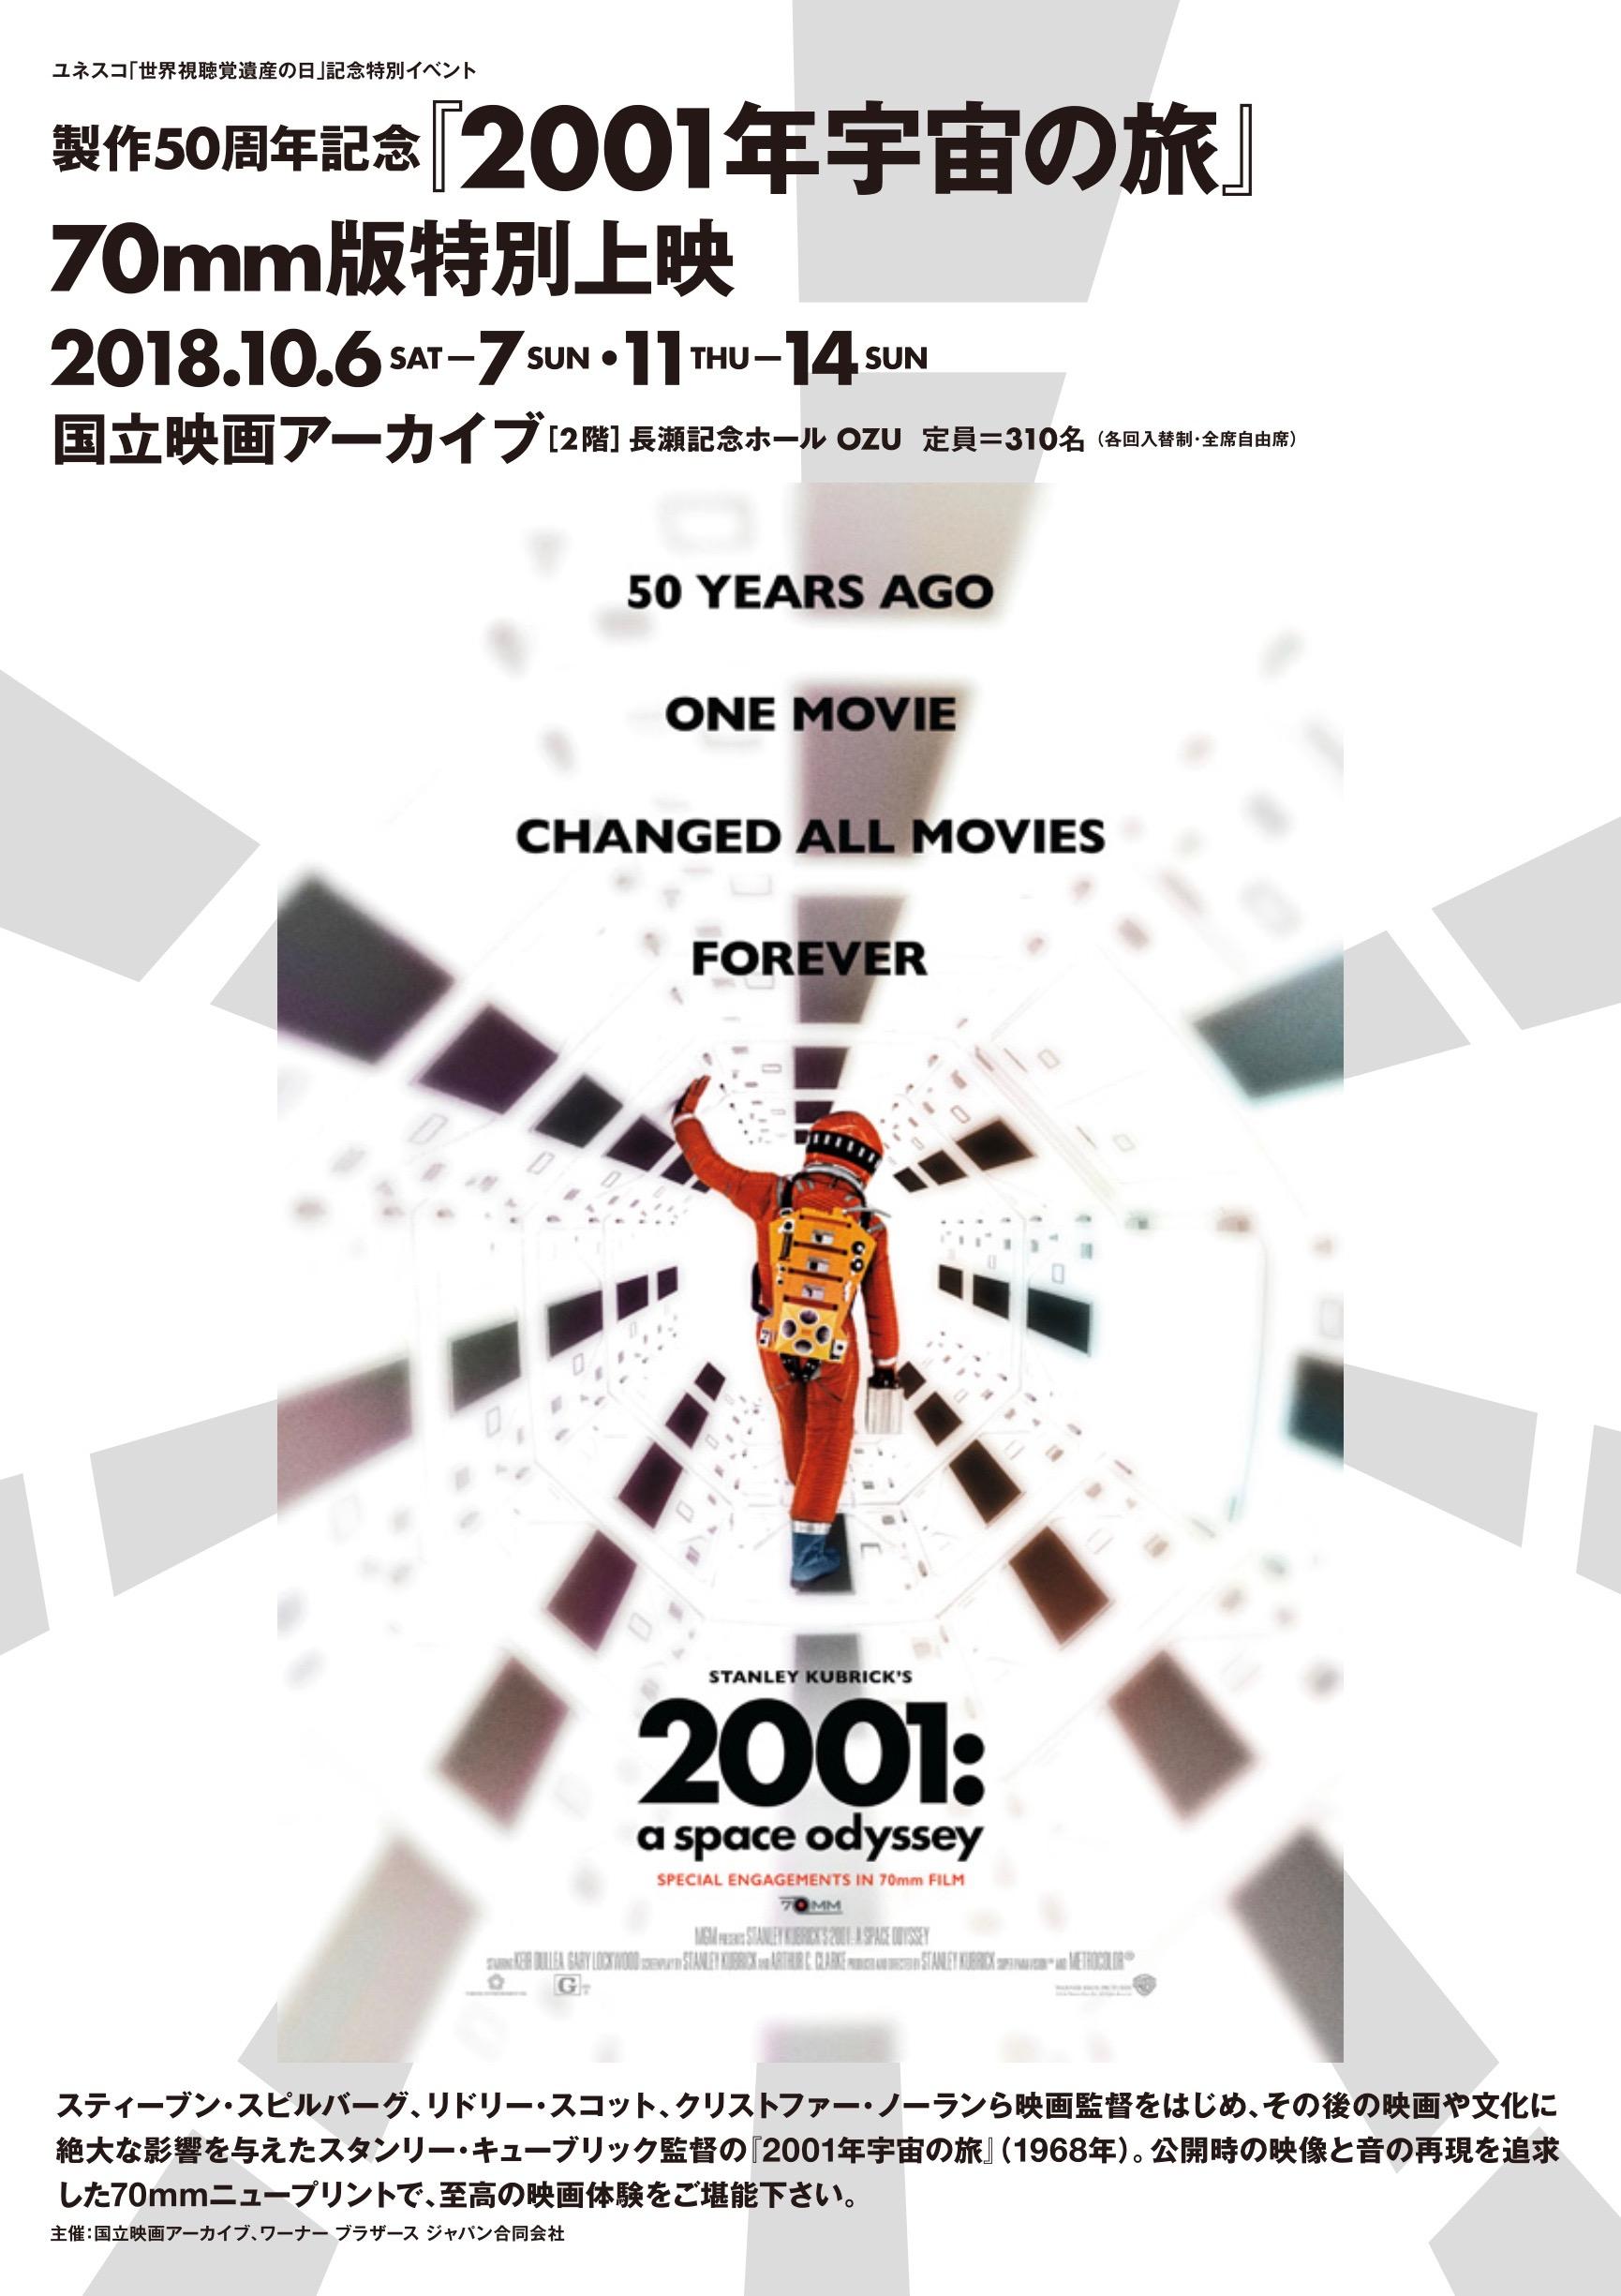 「2001年宇宙の旅」東京・国立映画アーカイブで70mm版上映決定